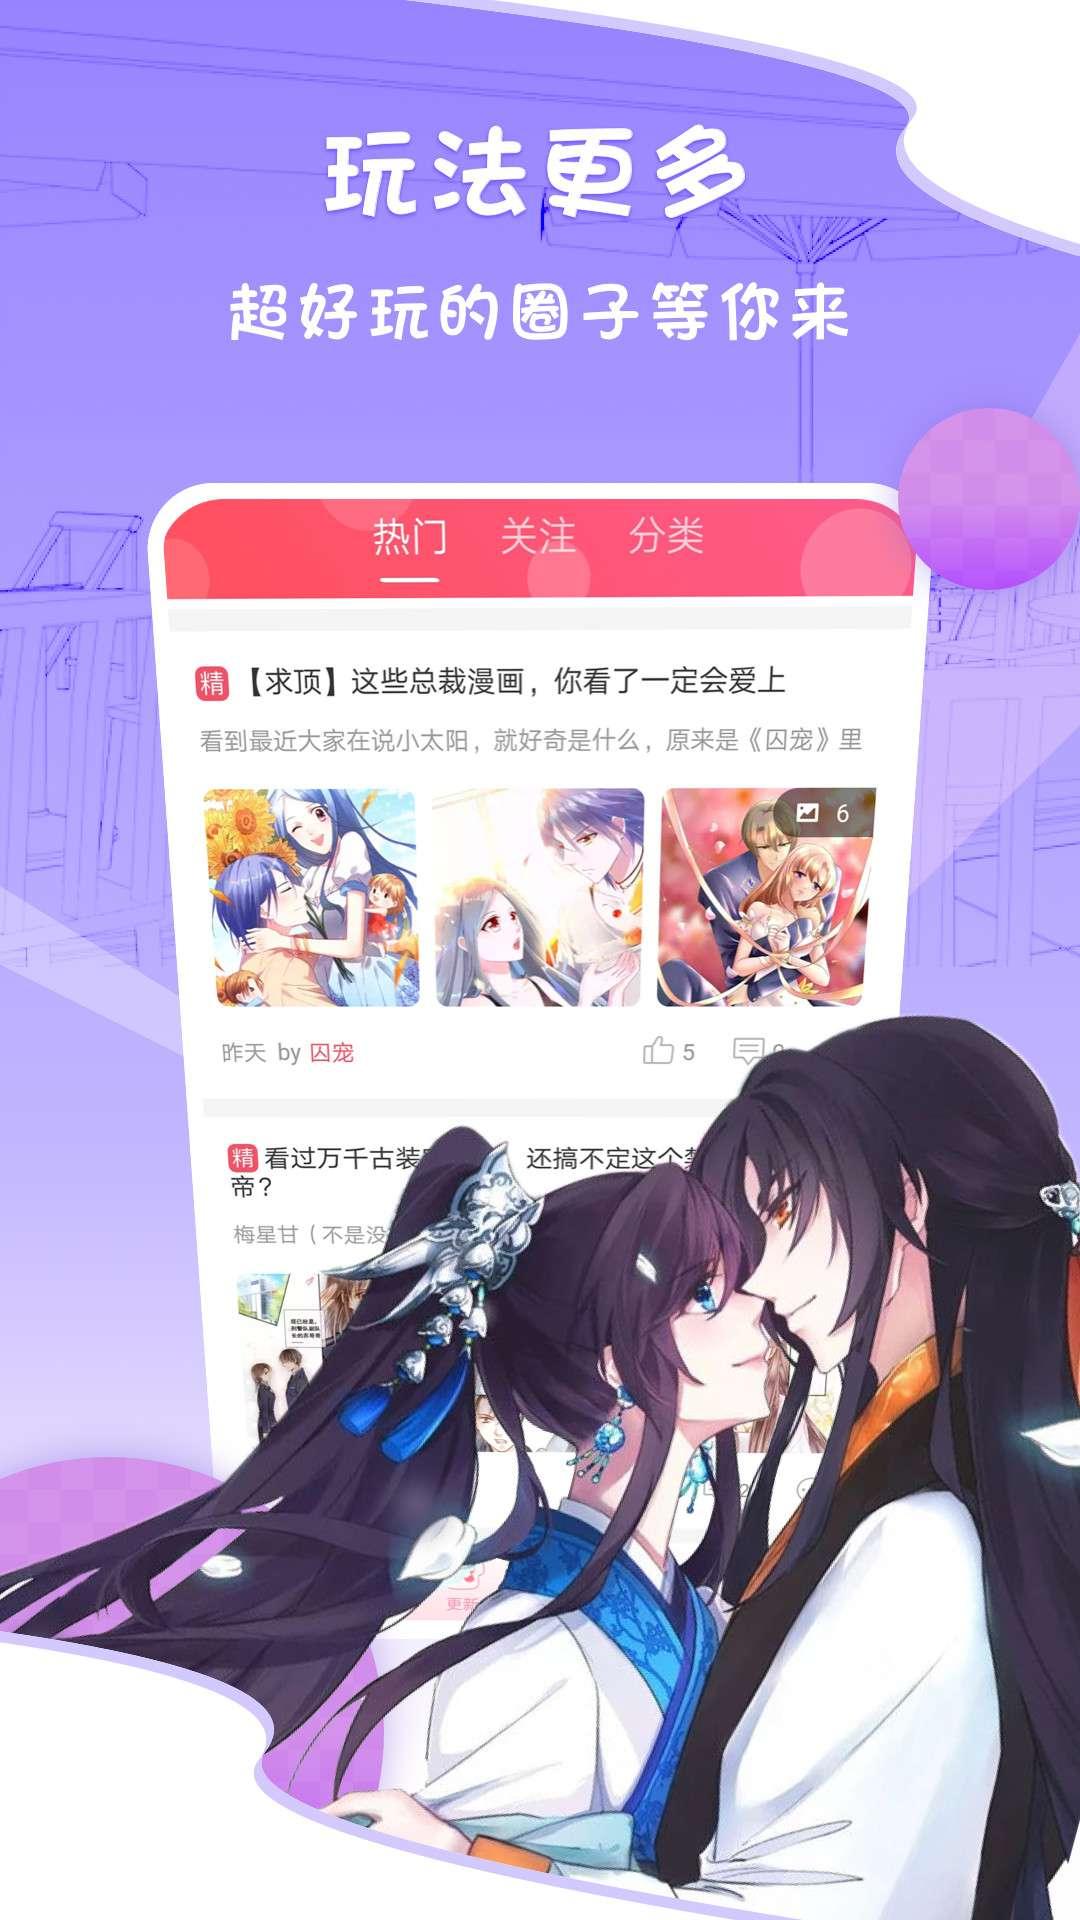 「原创修改」爱优漫.ver.2.1.2_破解版